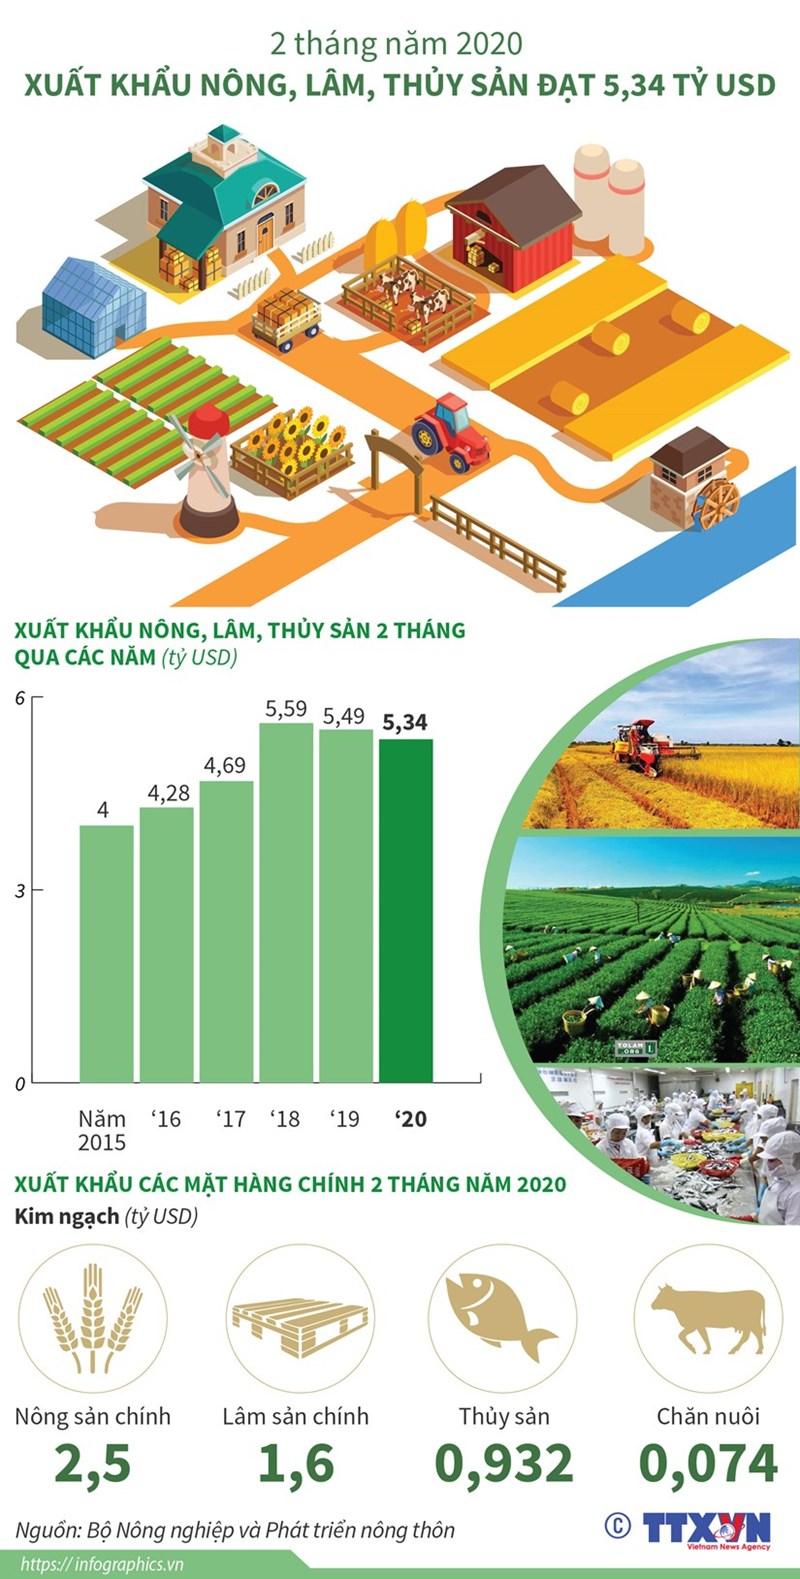 [Infographics] Xuất khẩu nông, lâm và thủy sản đạt hơn 5 tỷ USD - Ảnh 1